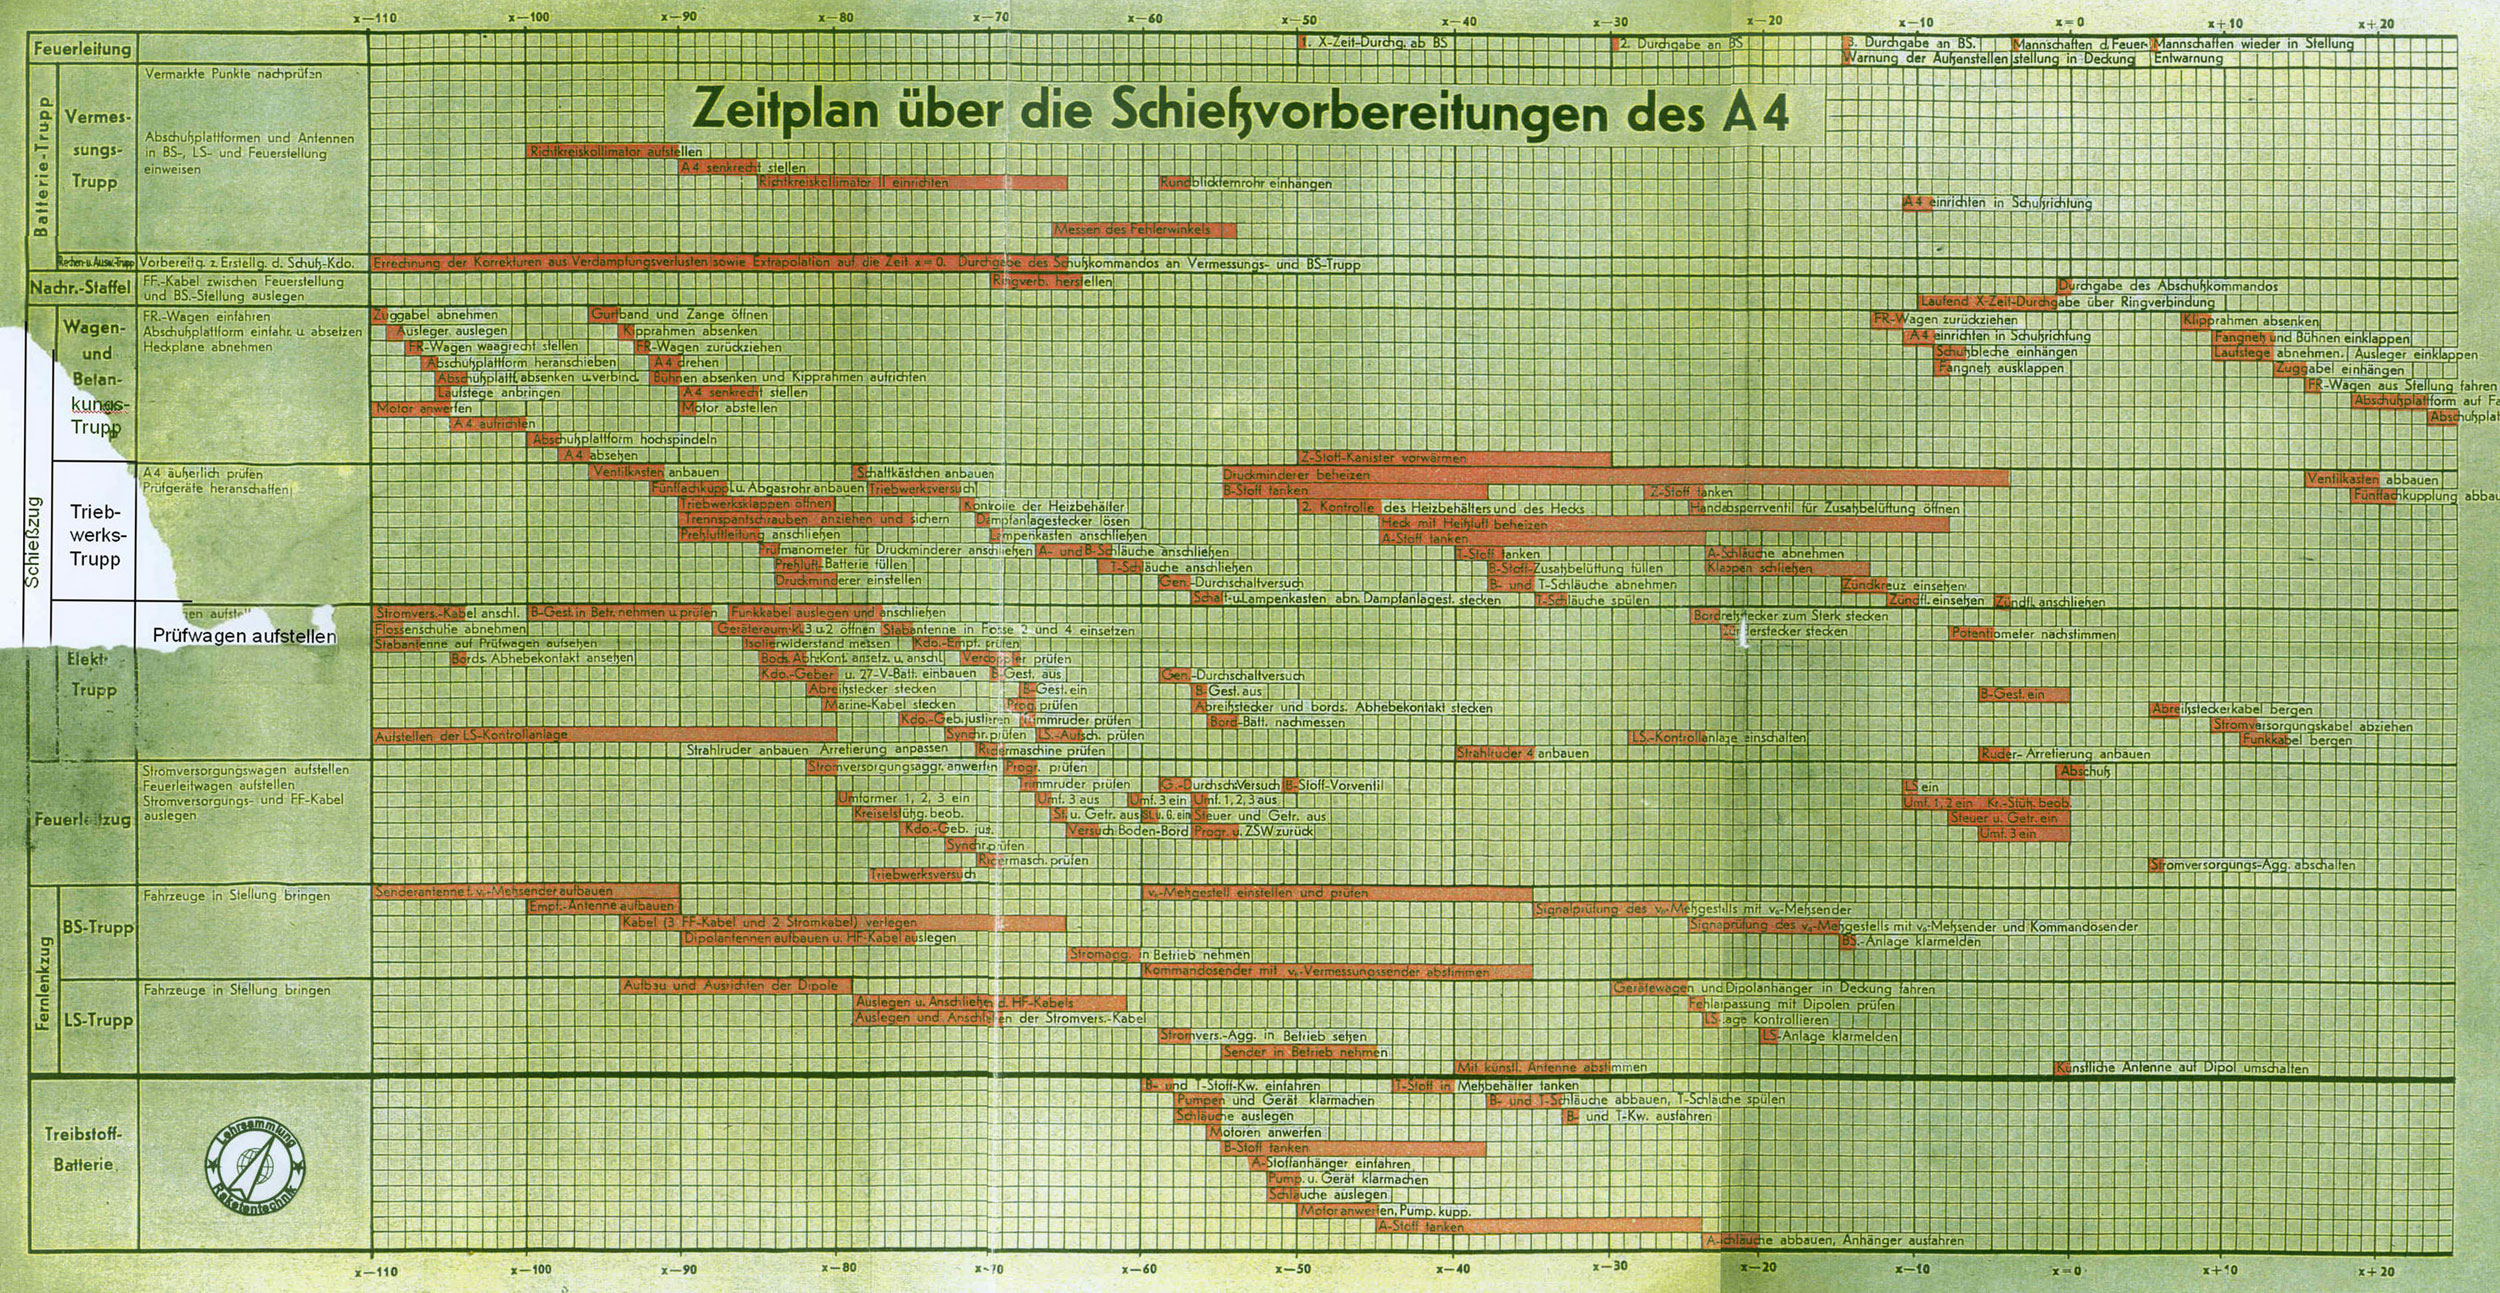 Ausgezeichnet Nachhilfe Zeitplan Vorlage Bilder - Beispiel Business ...